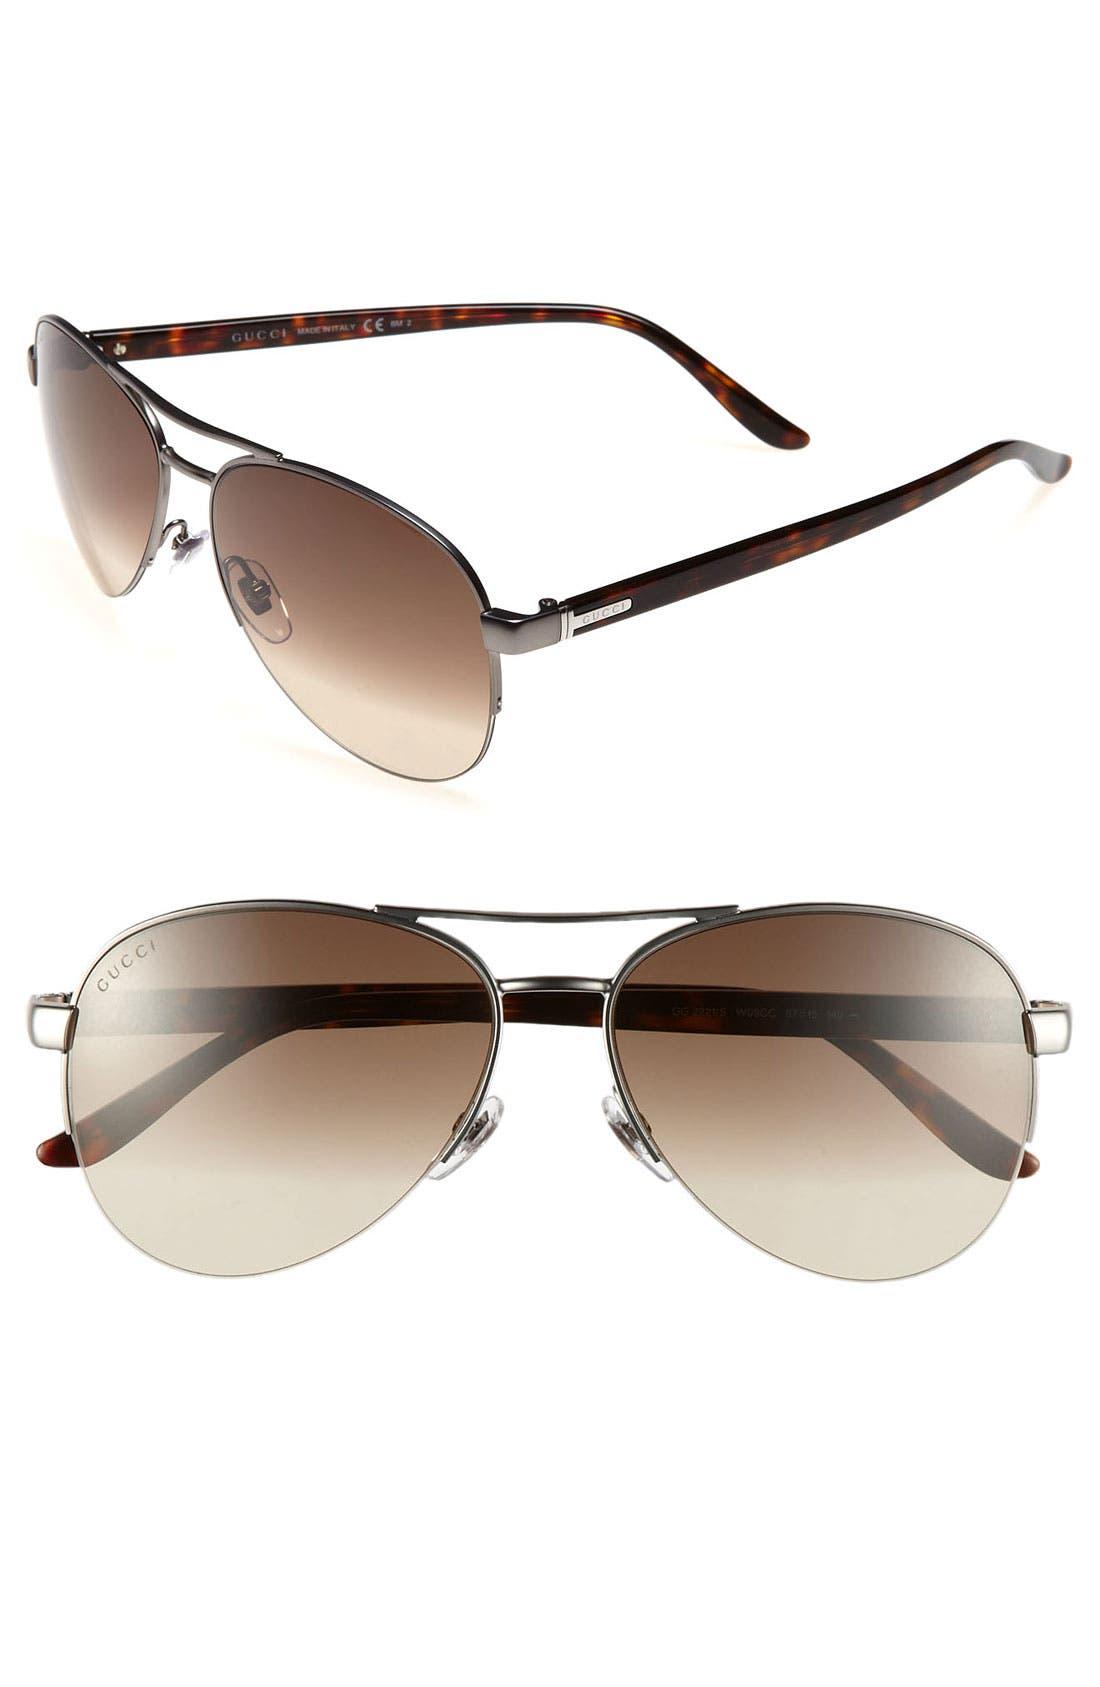 Alternate Image 1 Selected - Gucci Metal 57mm Aviator Sunglasses